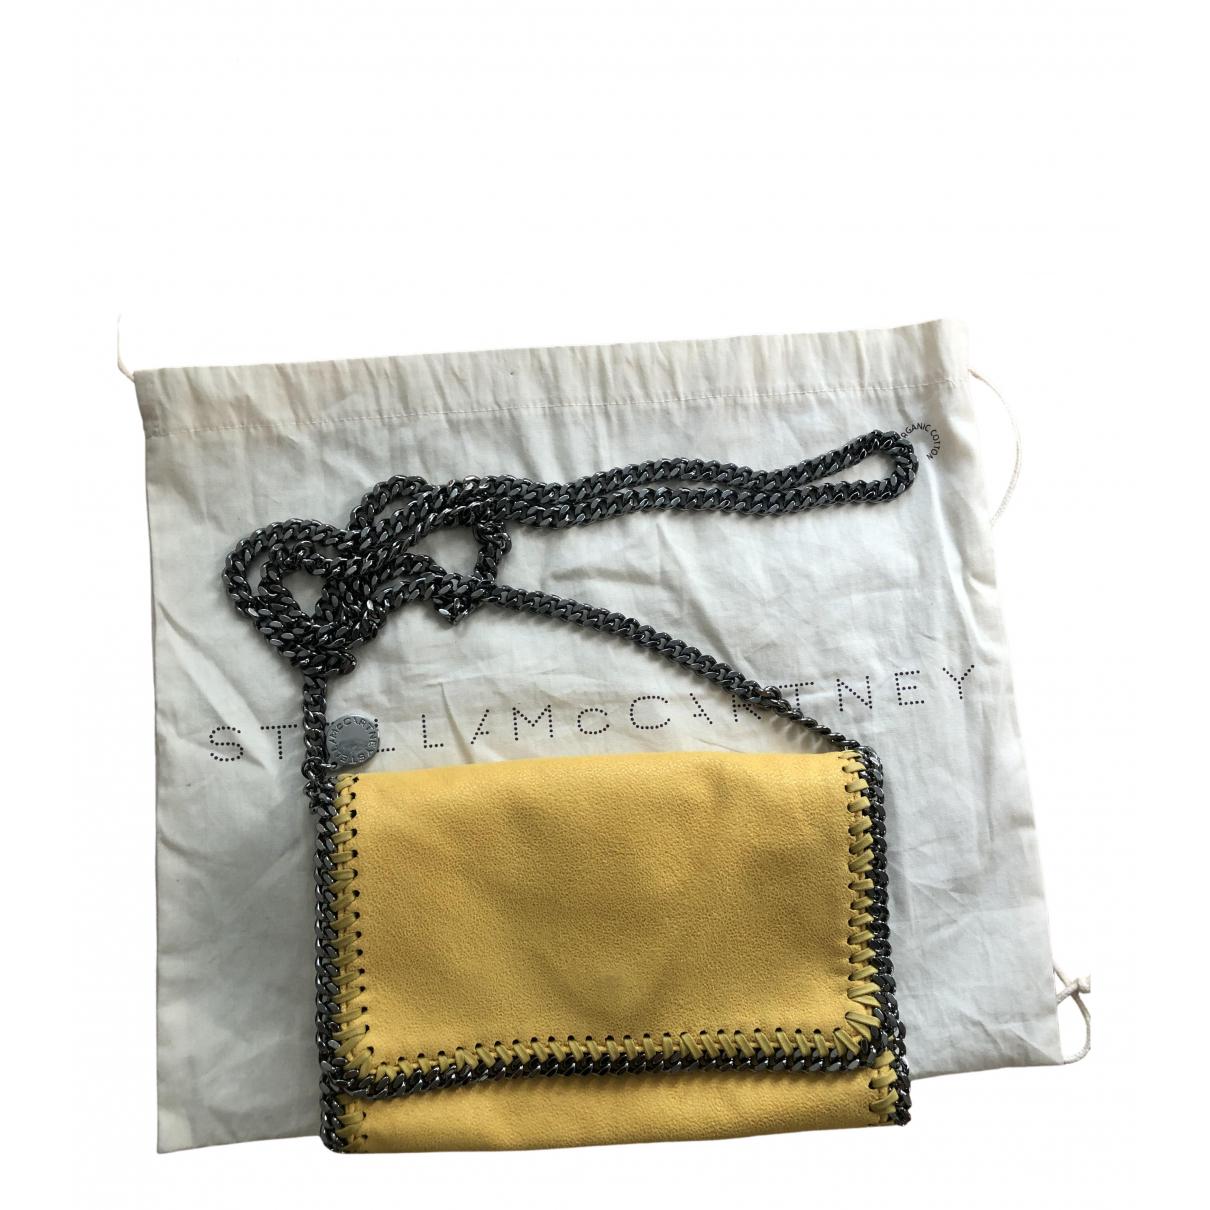 Stella Mccartney \N Handtasche in  Gelb Leinen